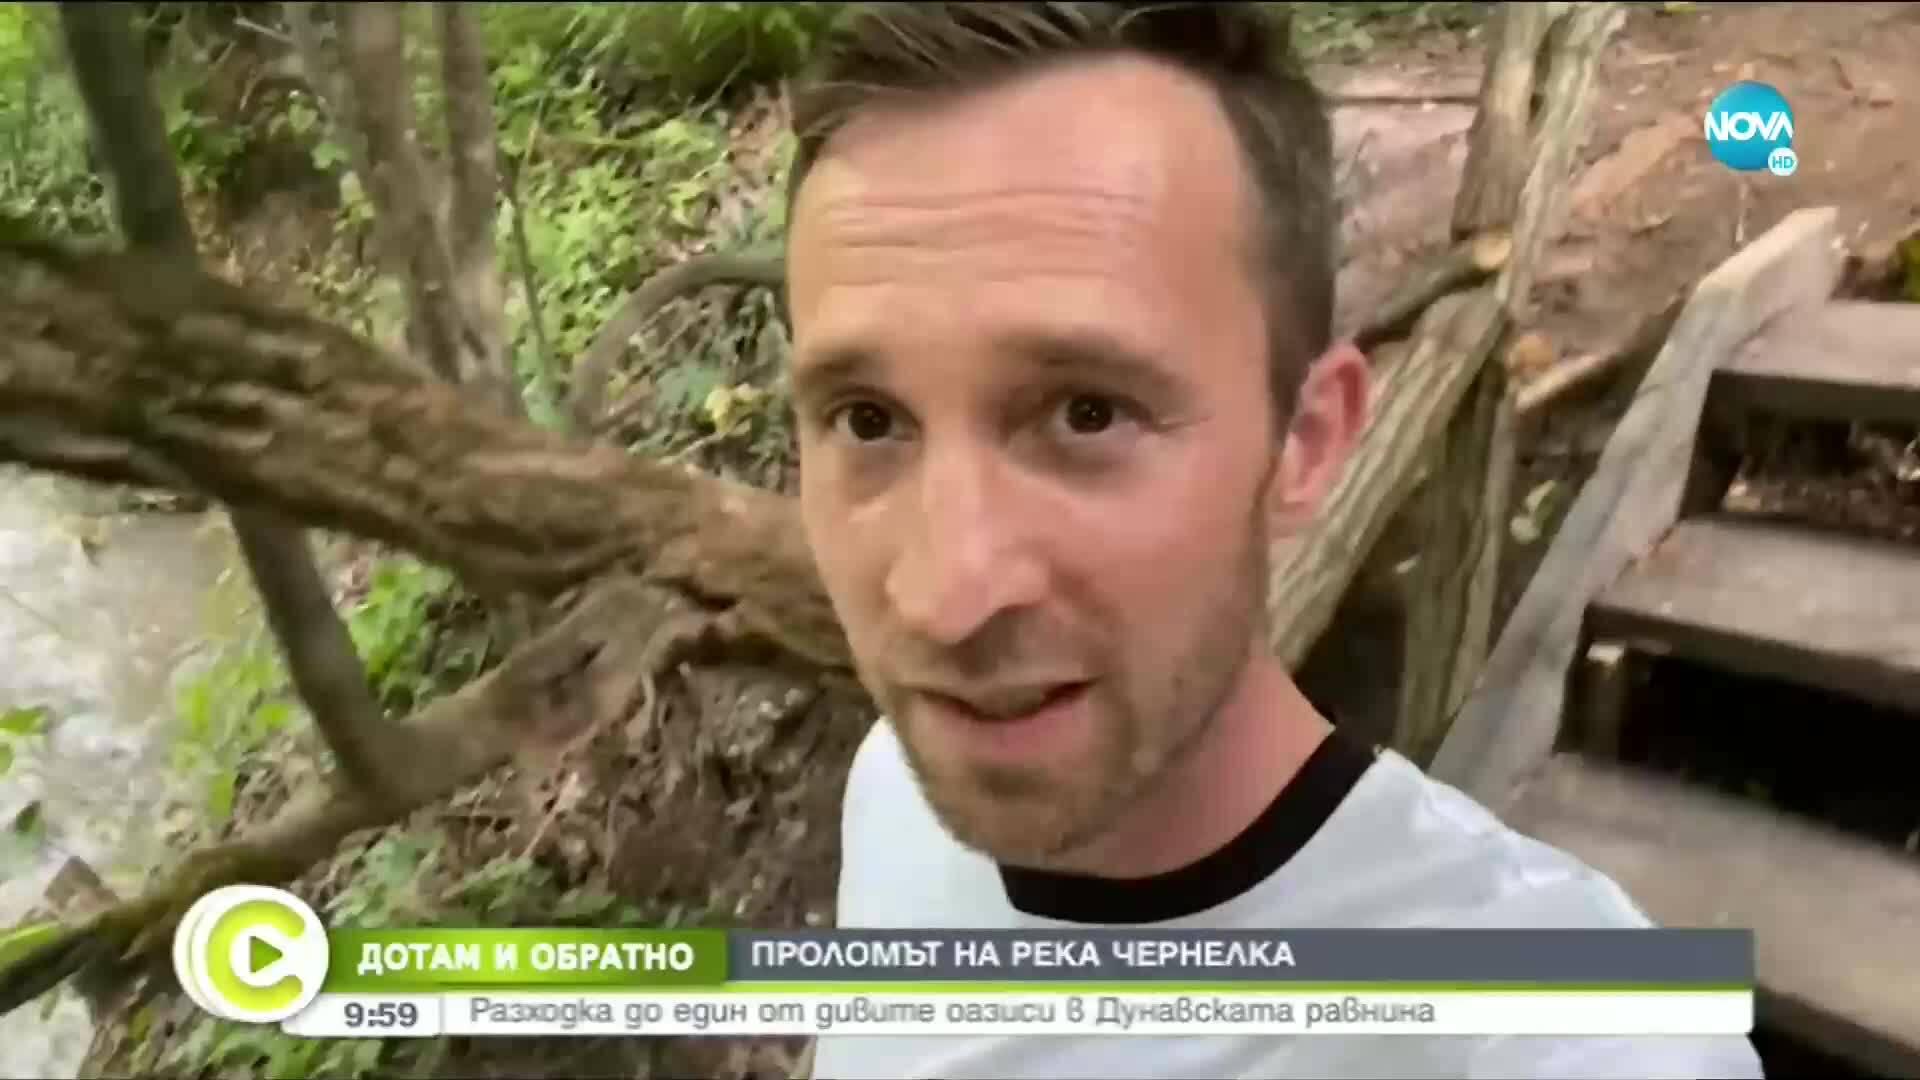 """""""ДОТАМ И ОБРАТНО"""": Разходка до каньона на река Чернелка"""